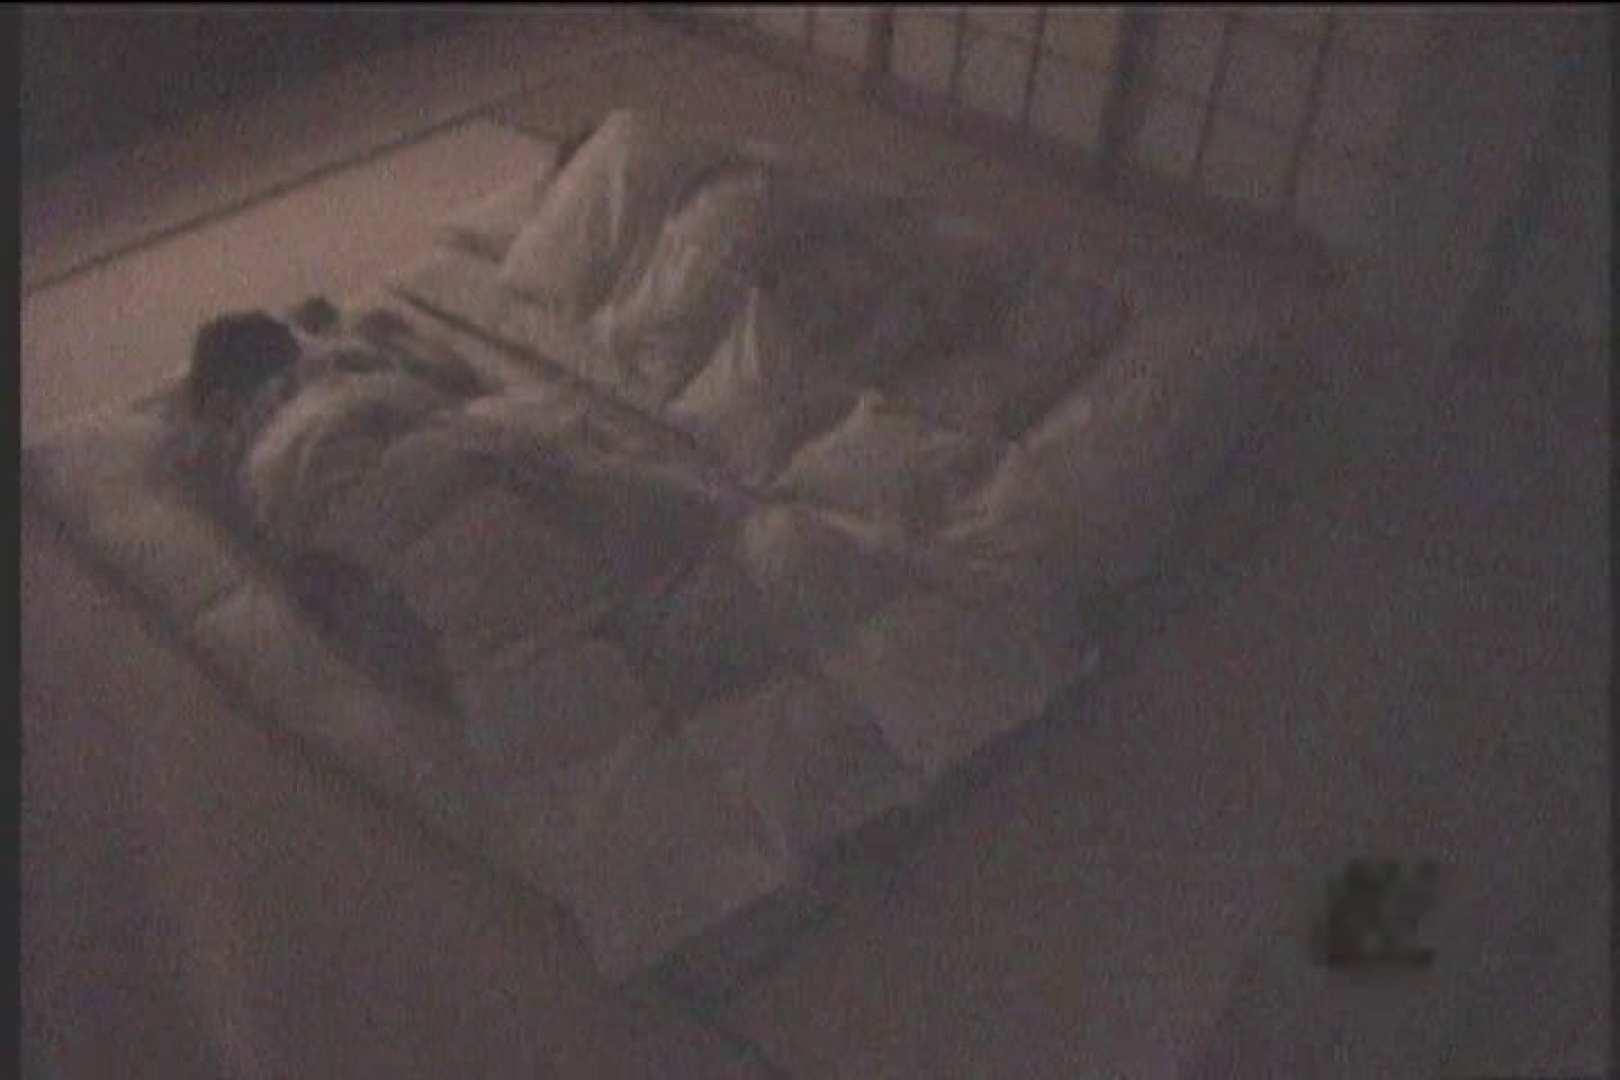 暗躍する夜這い師達Vol.6 OLセックス 覗きスケベ動画紹介 100画像 83